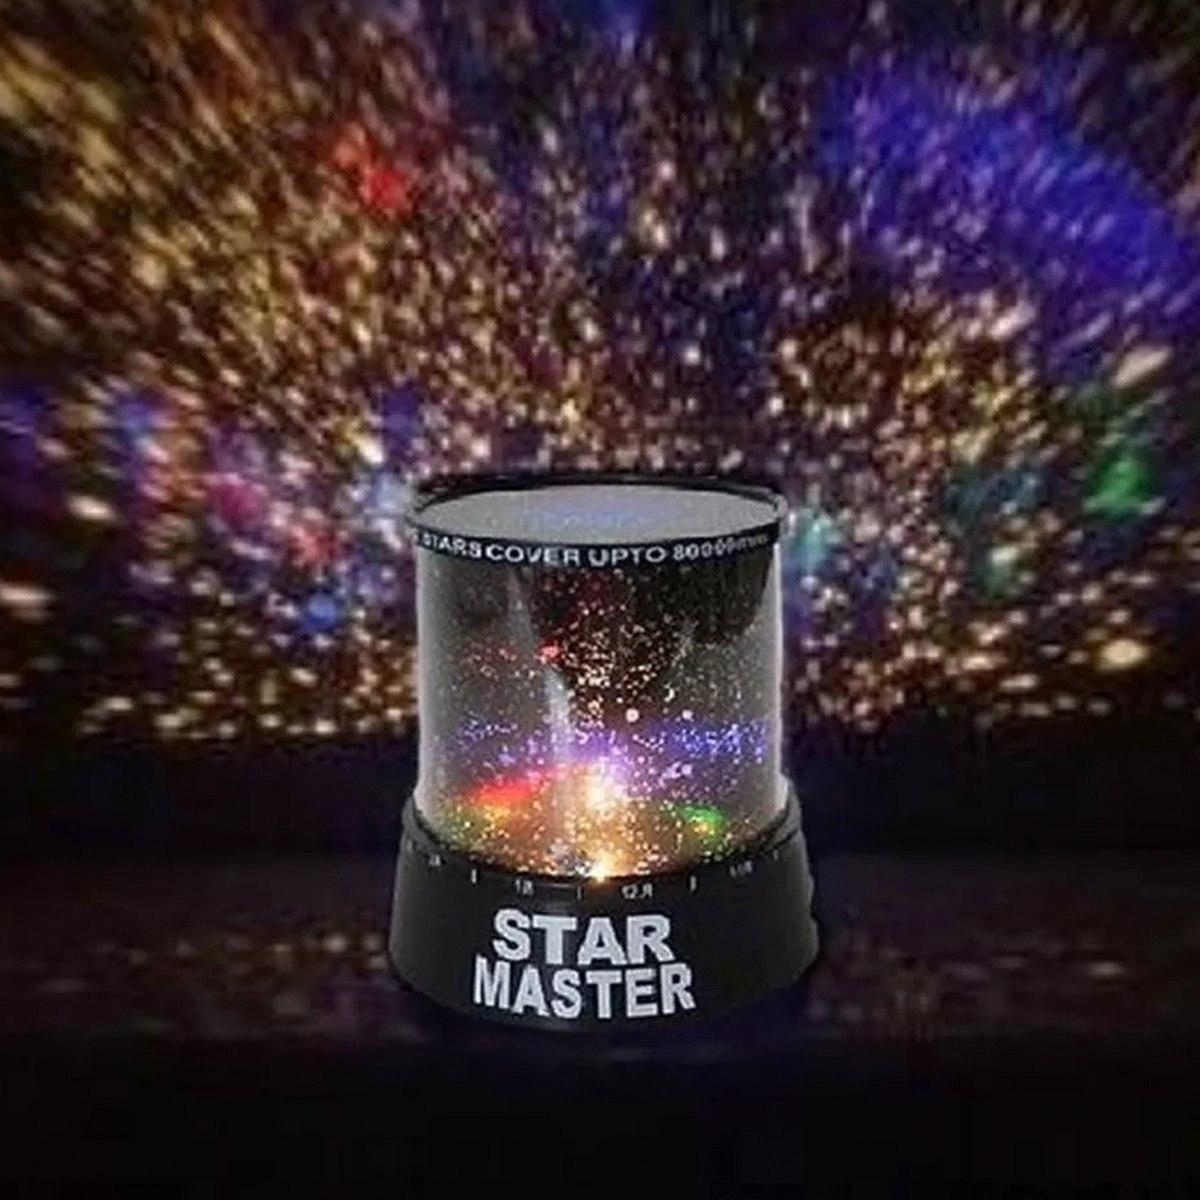 Master De H5007 Estrellas Star Lampara De Led Proyeccion 80OnXNwkP